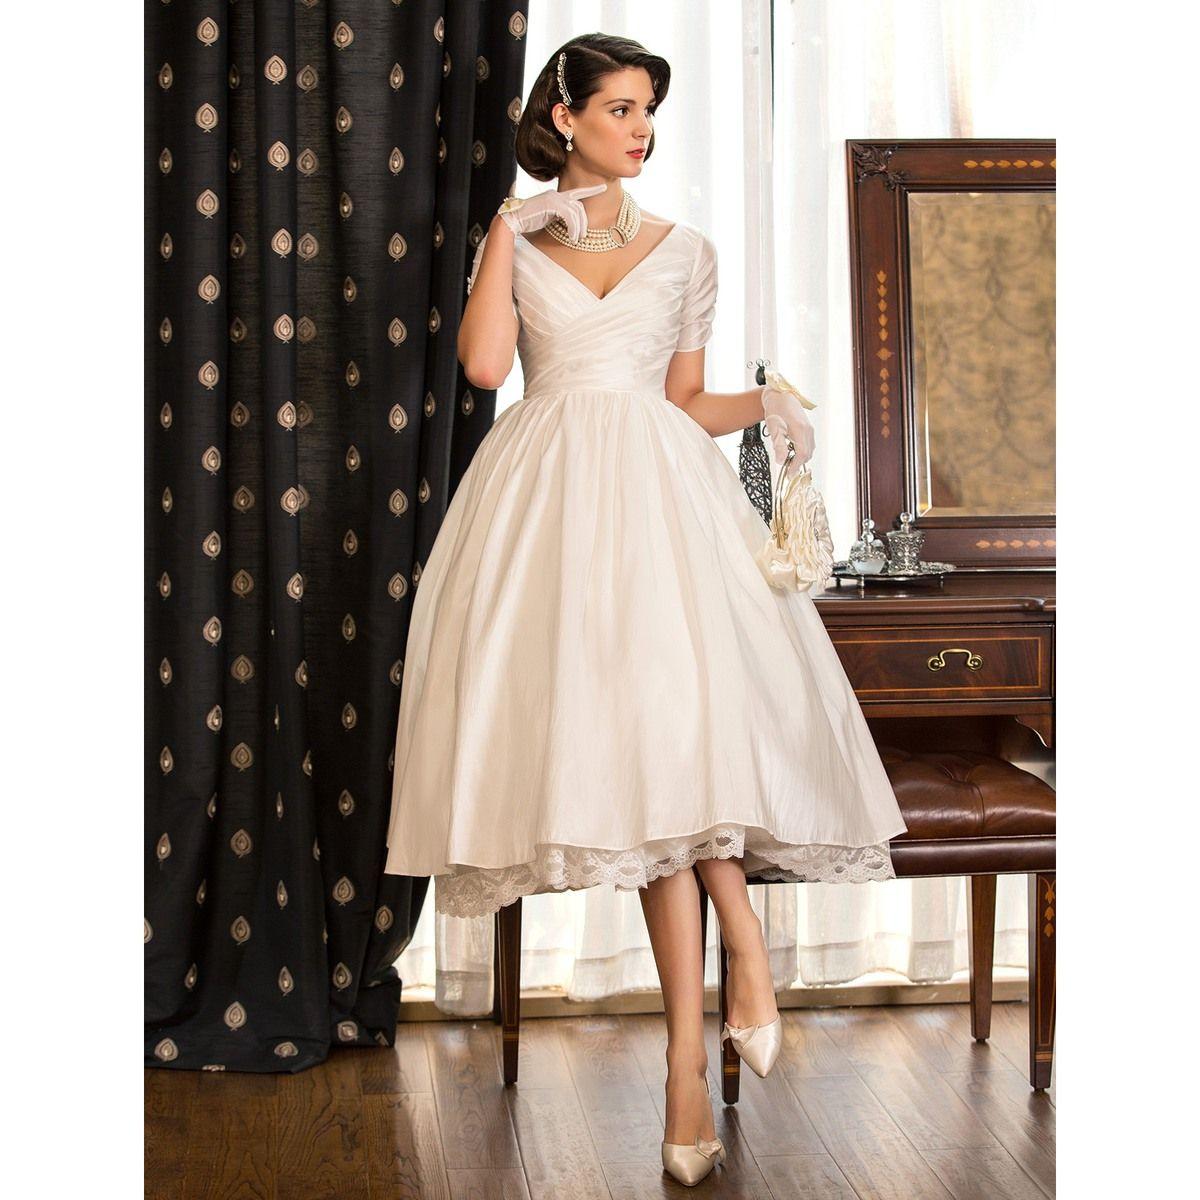 A Line Princess V Neck Tea Length Taffeta Wedding Dress 783941 Wedding Dresses Taffeta Tea Length Wedding Dress Ivory Wedding Dress [ 1200 x 1200 Pixel ]